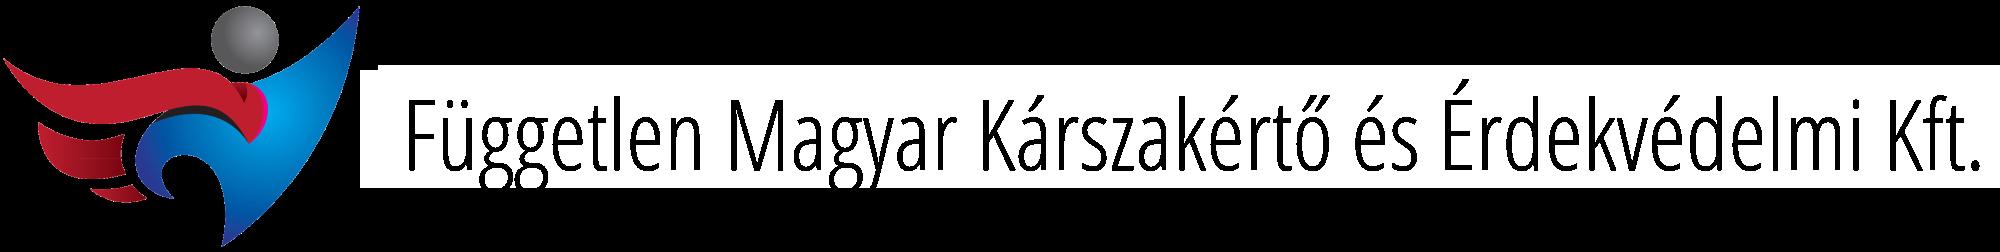 FMKE logó